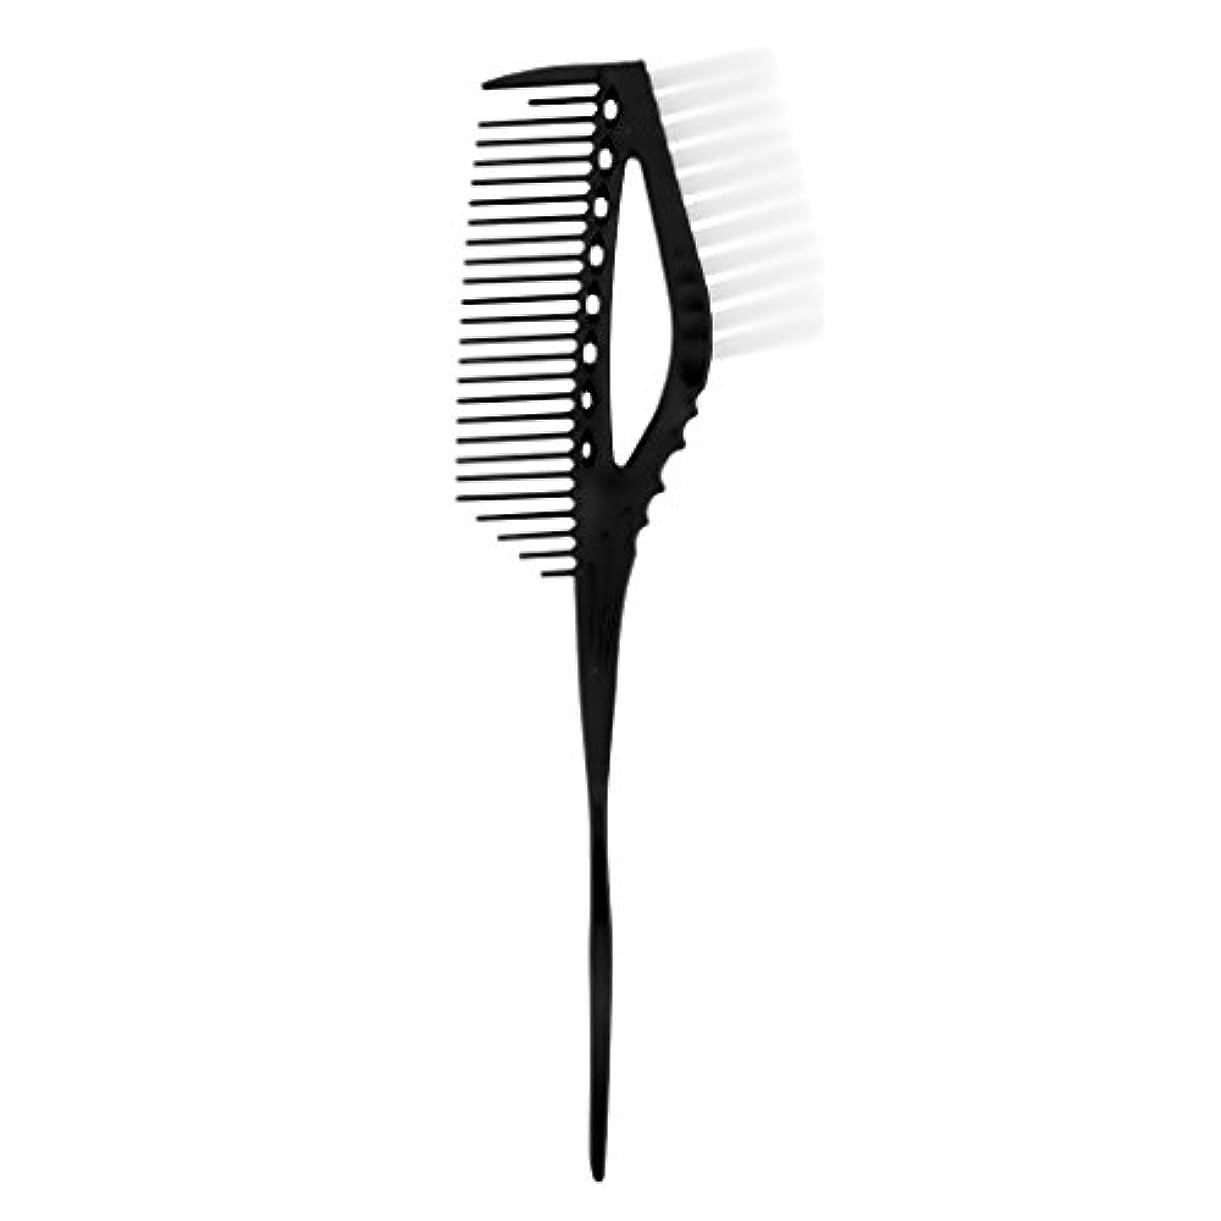 ガード散歩に行く適用済みハイライト櫛 ヘアブラシ ヘアカラー ヘアスタイル 色合い 染めブラシ サロン 美容院 ミキシングブラシ 3色選べる - ブラック